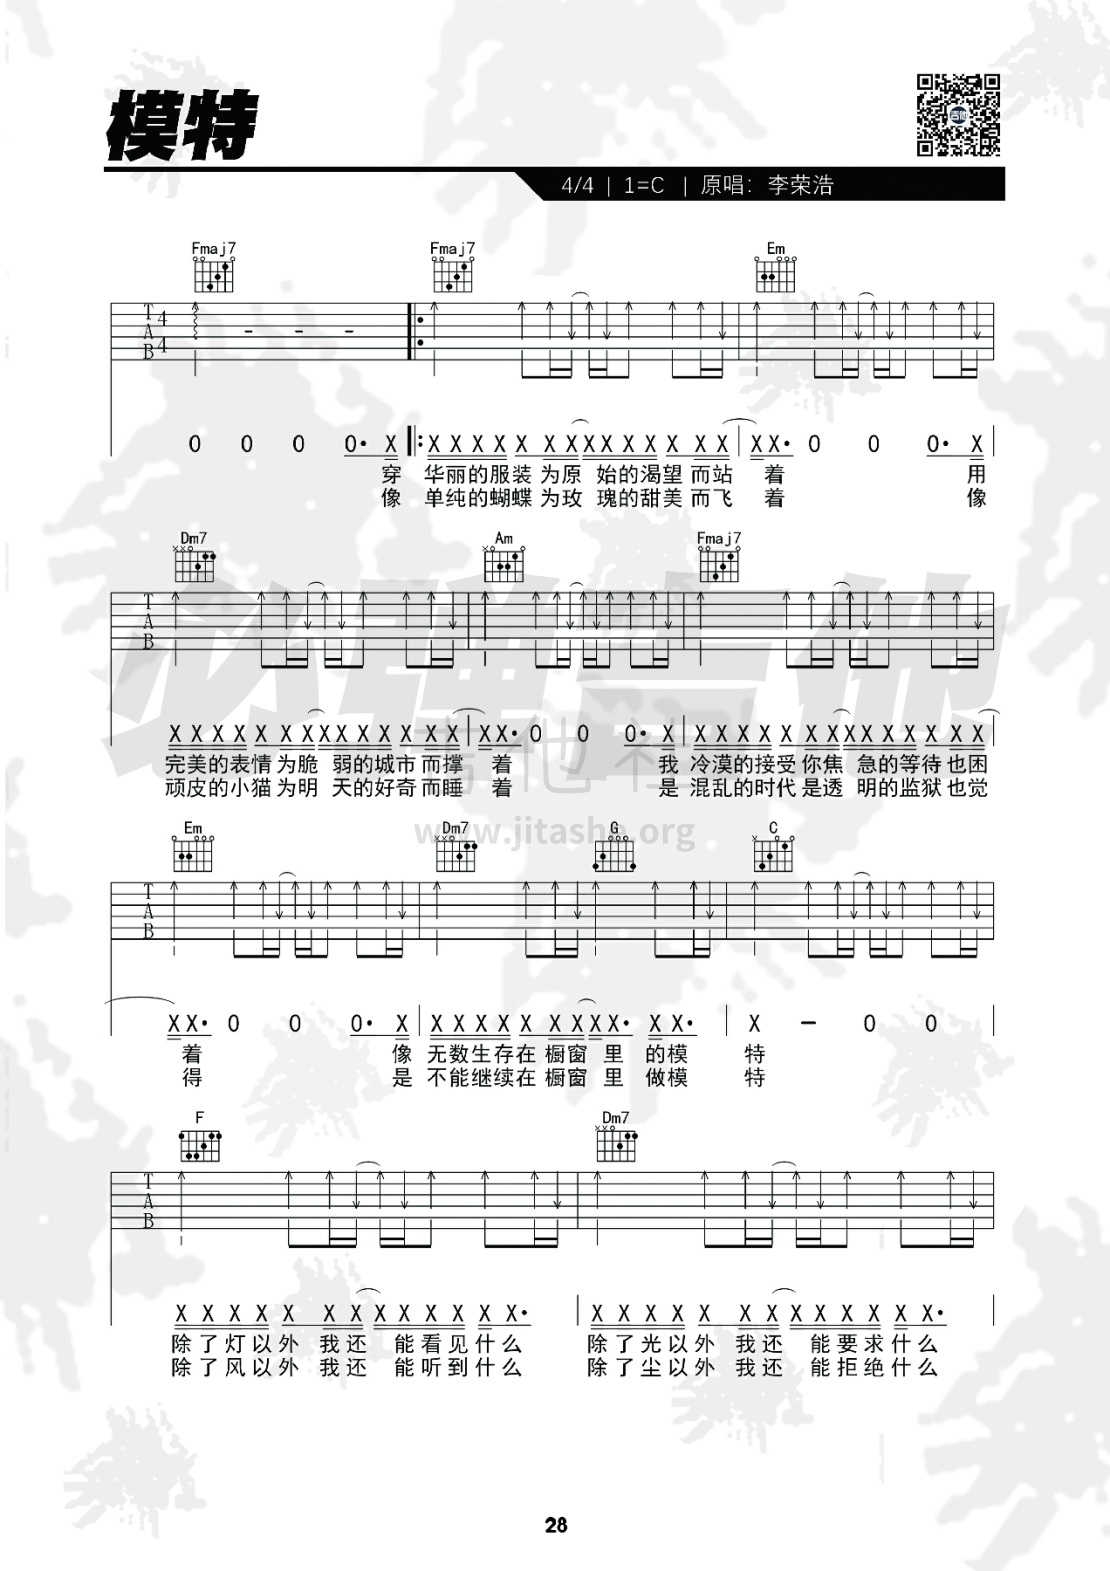 模特(必弹吉他)吉他谱(图片谱,伴奏,弹唱,扫弦)_李荣浩_kgnfrm0o0n63gj4u90sr.png